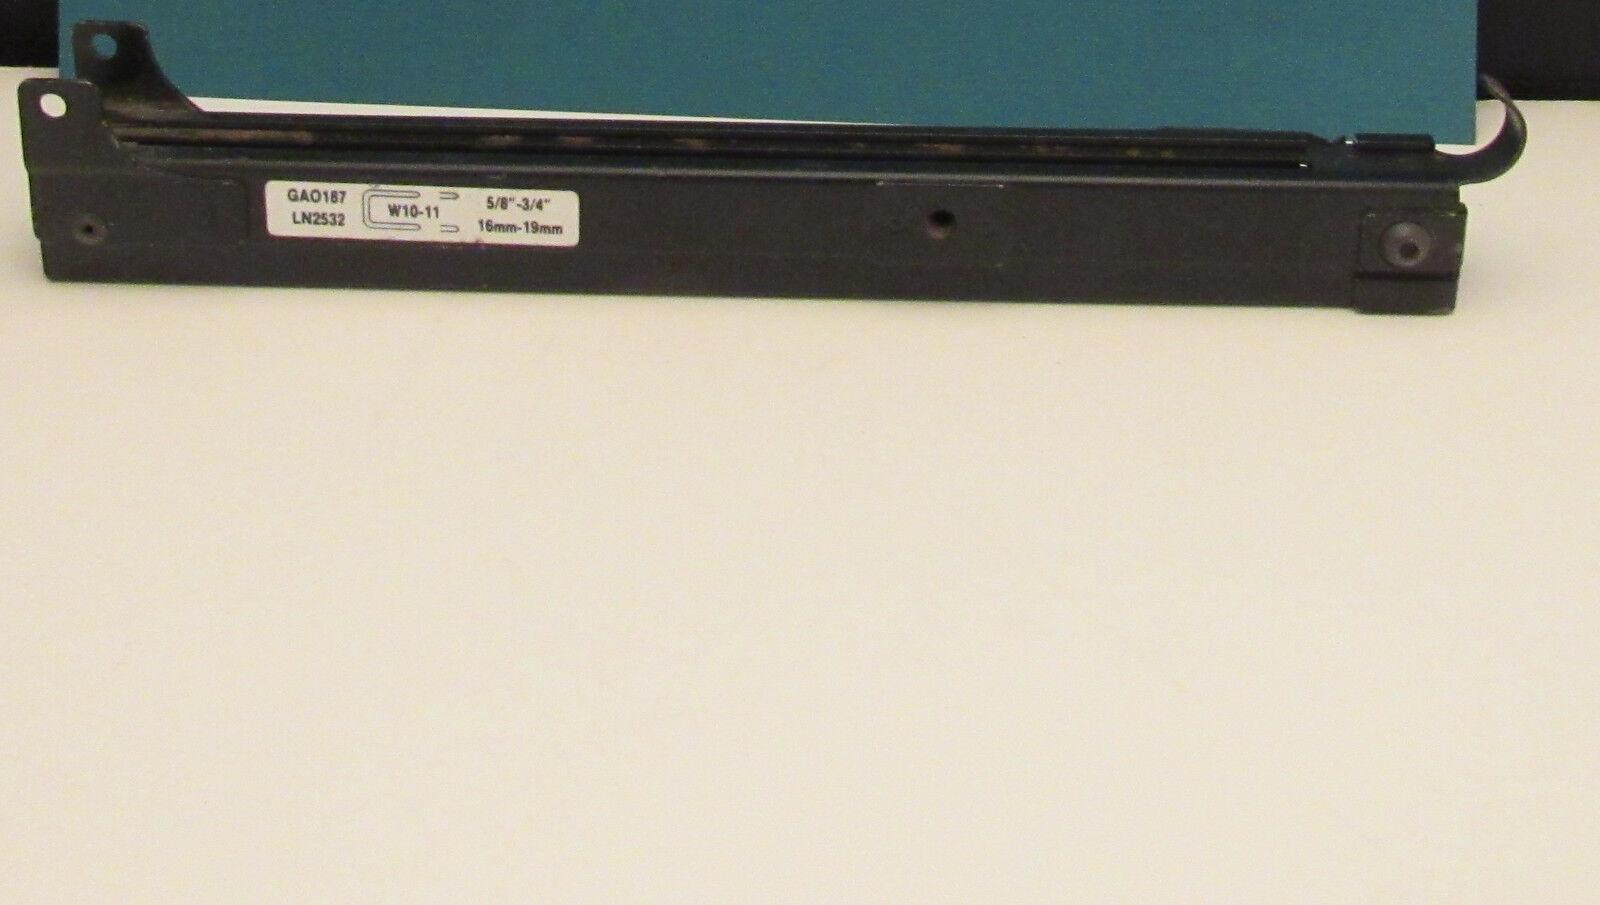 SENCO GA0187 Magazine   Rail ASSEMBLY for LN2532 3 4  Stapler